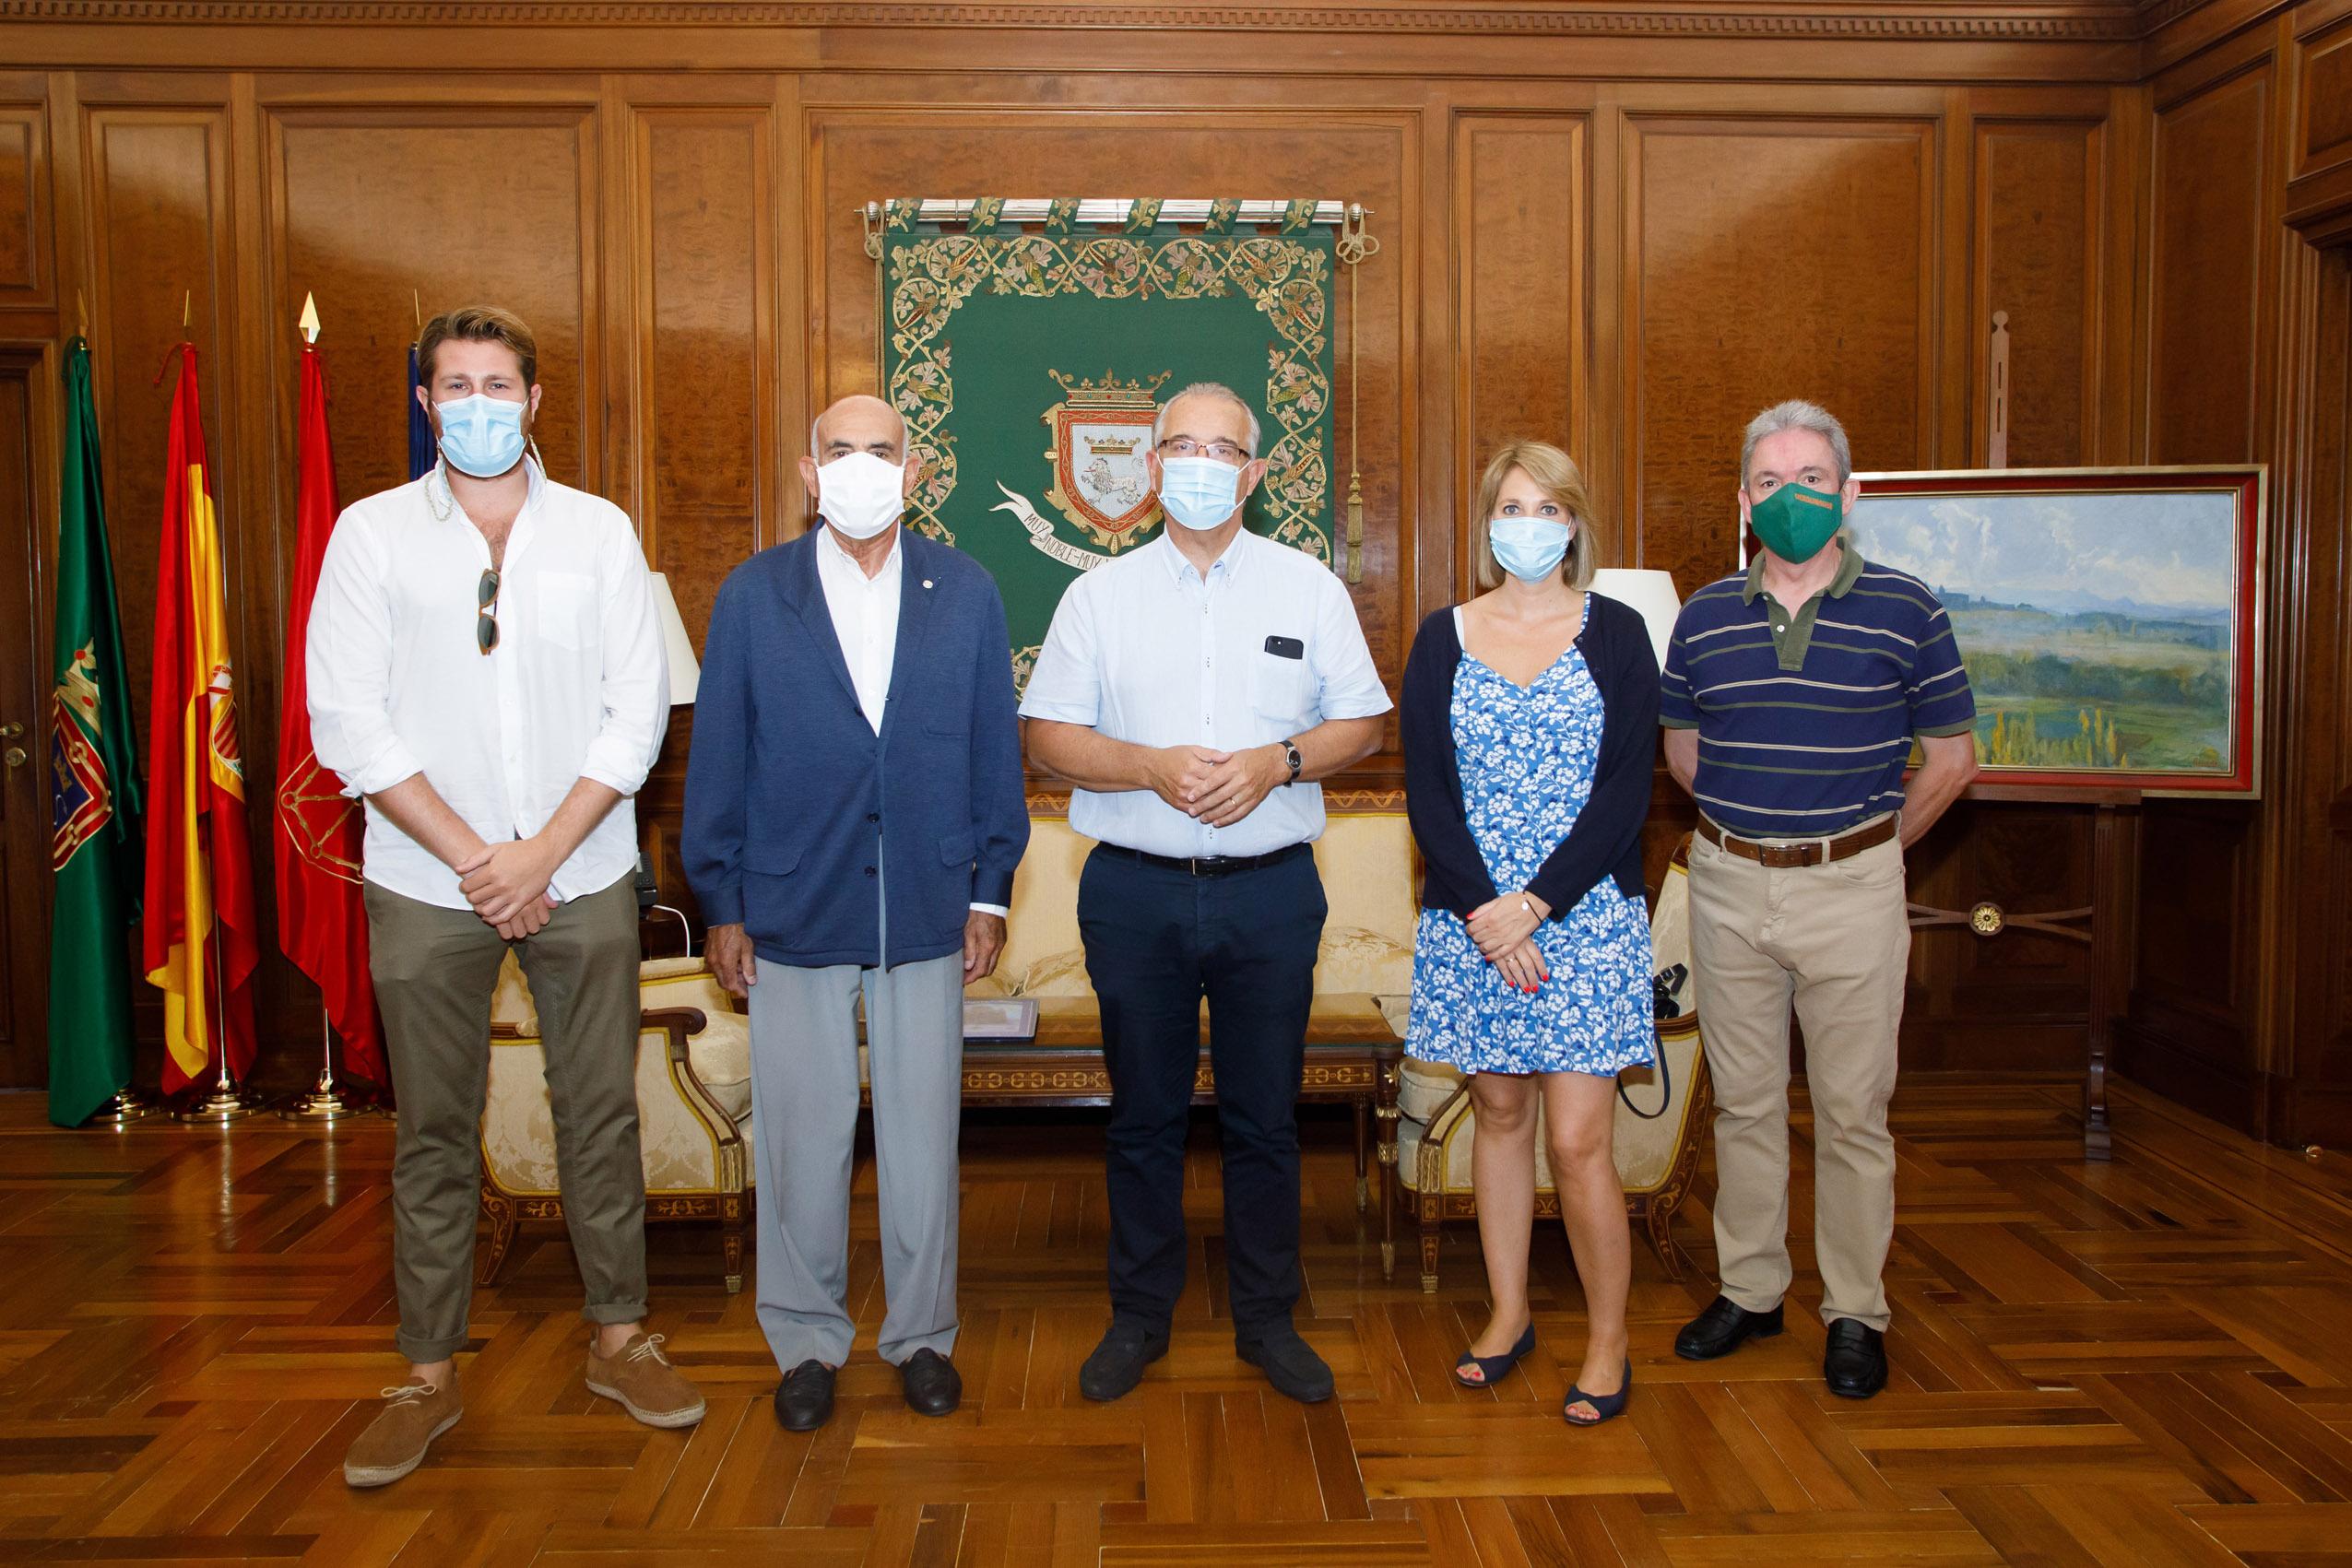 Maya recibe a la nueva junta de la Asociación Cabalgata Reyes Magos de Pamplona